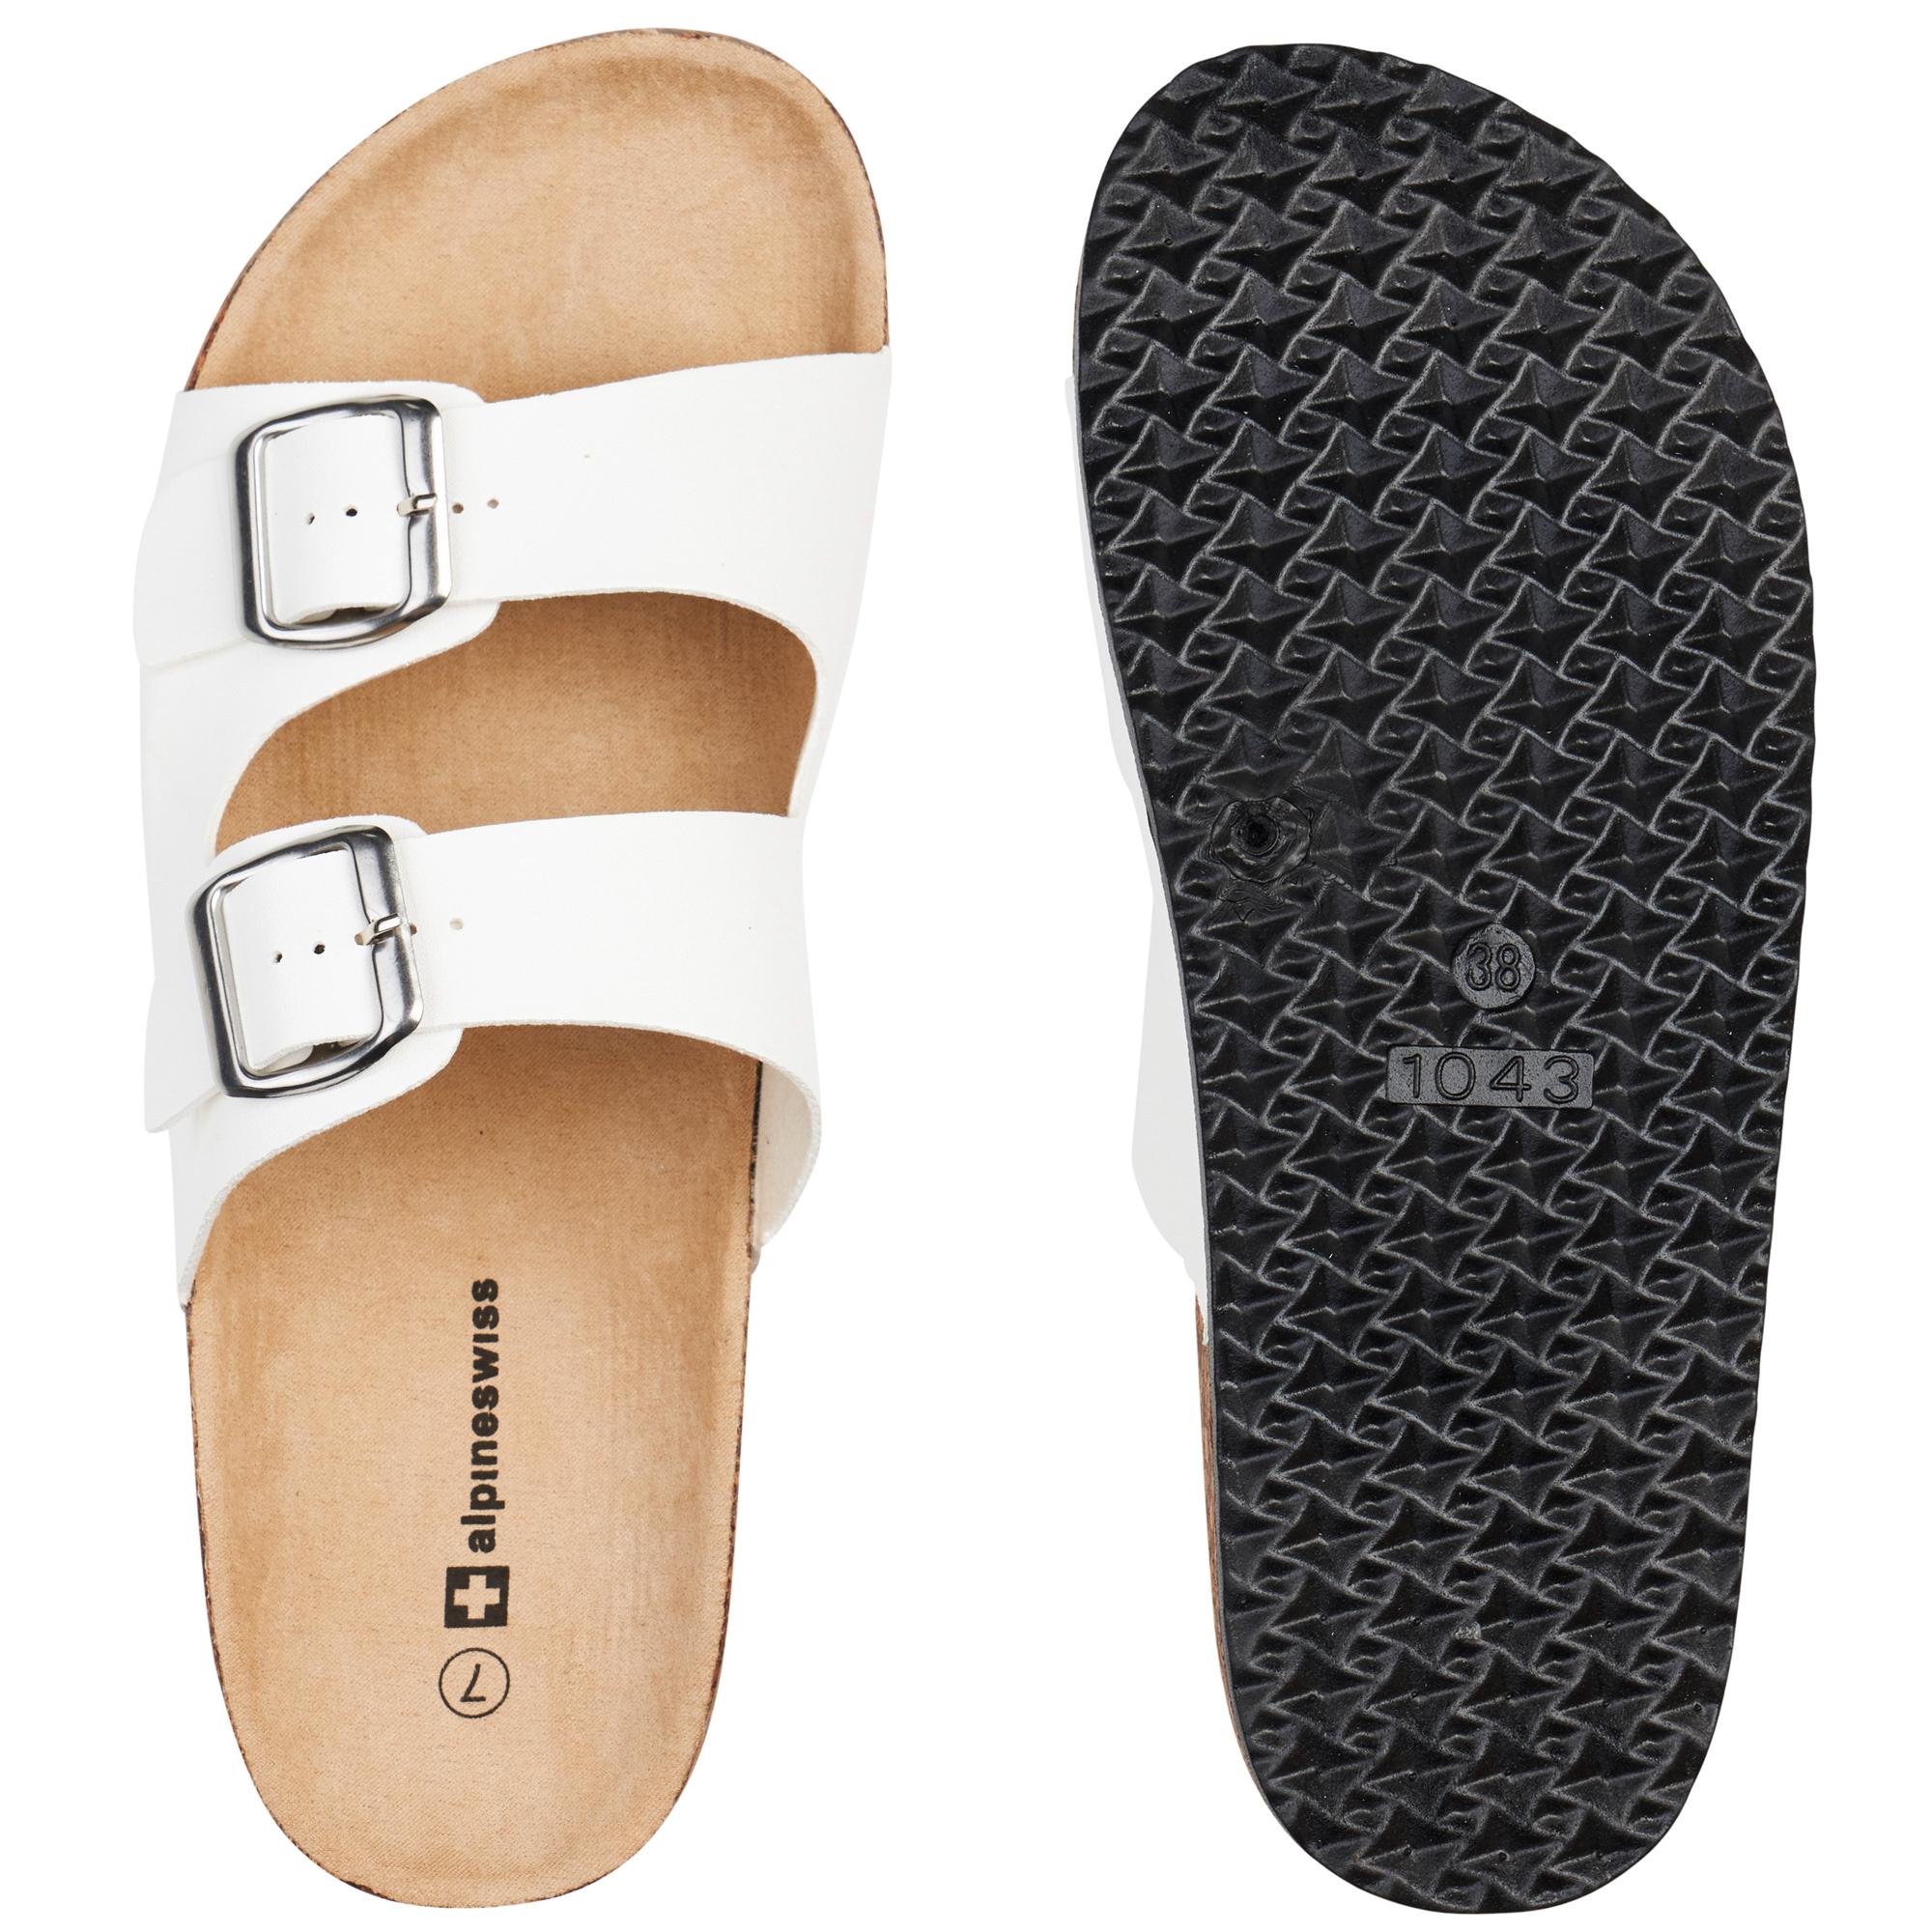 Alpine-Swiss-Womens-Double-Strap-Slide-Sandals-EVA-Sole-Flat-Comfort-Shoes thumbnail 26